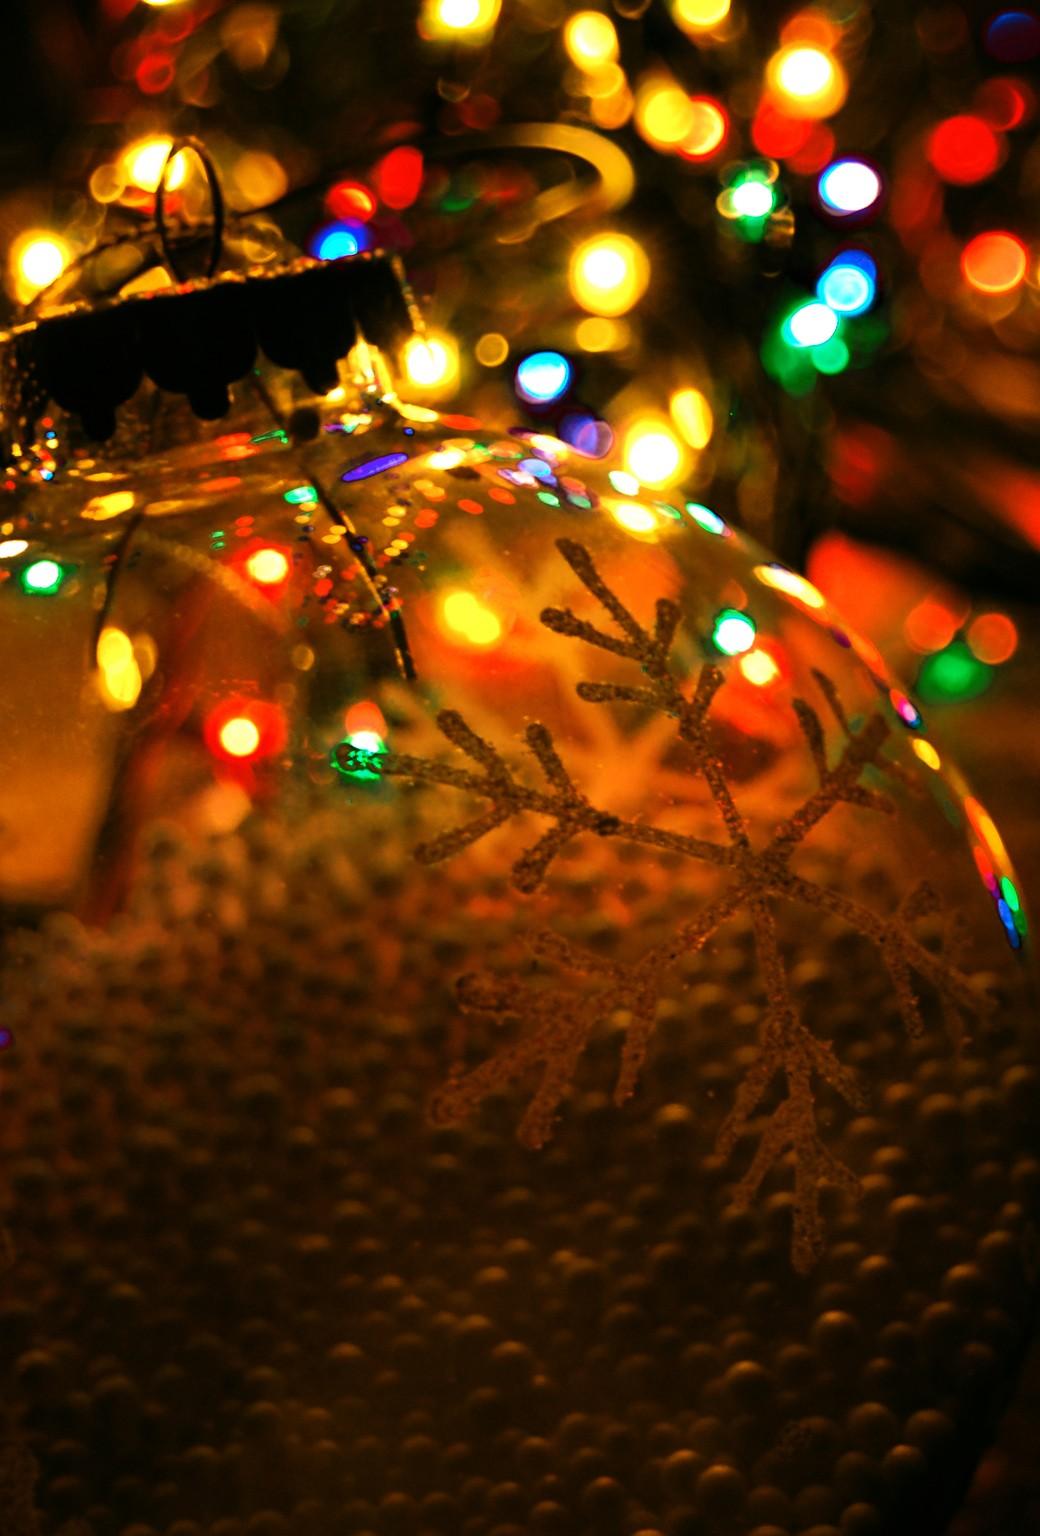 Sfondi Natalizi Per Iphone.Sfondi Animati Di Natale E Capodanno Per Iphone 5 E 5s Con Ios 7 Wallpaper Dinamici Maccanismi